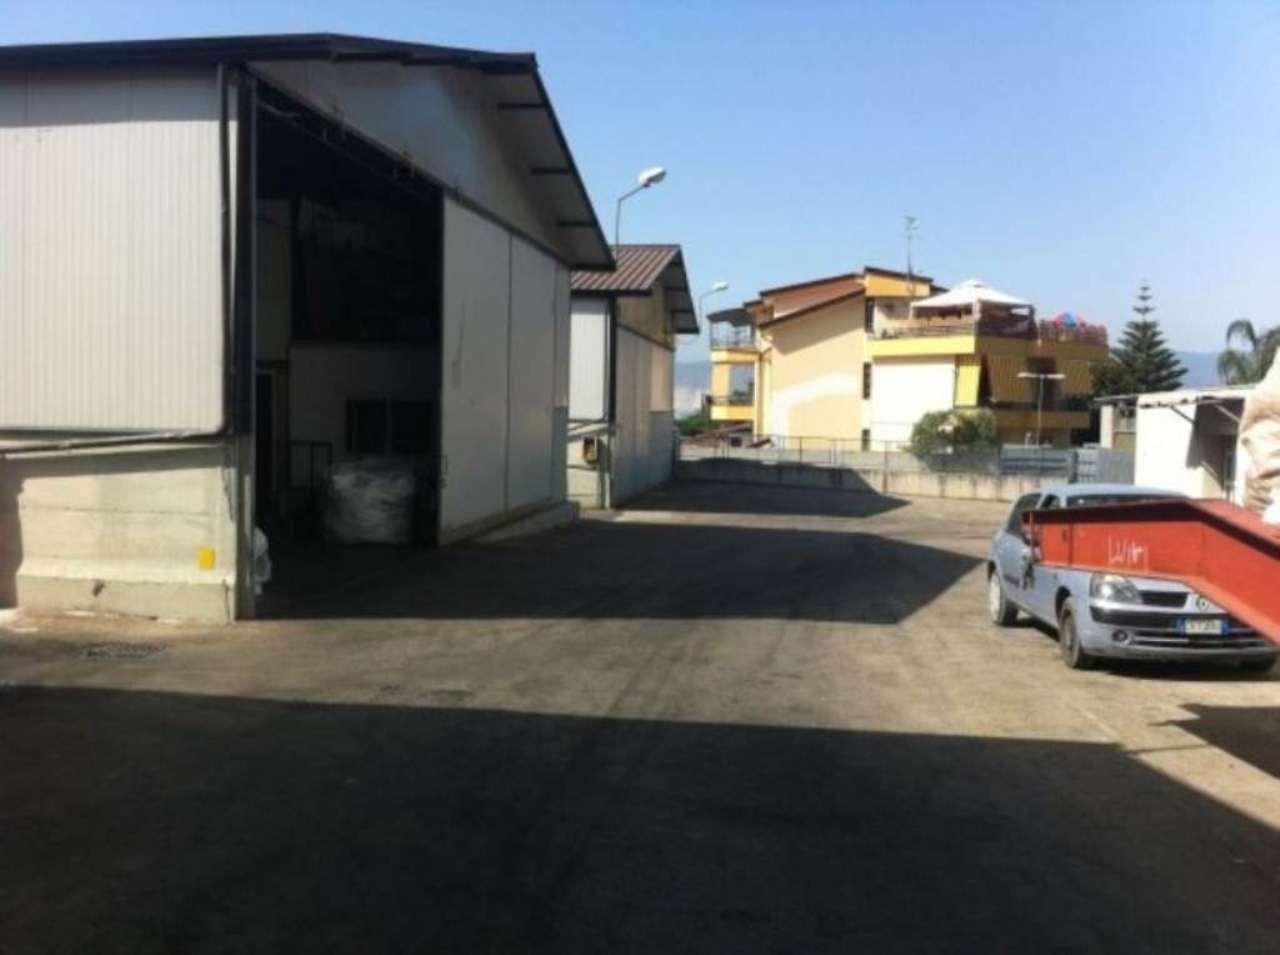 Capannone in vendita a Somma Vesuviana, 6 locali, prezzo € 330.000 | Cambio Casa.it